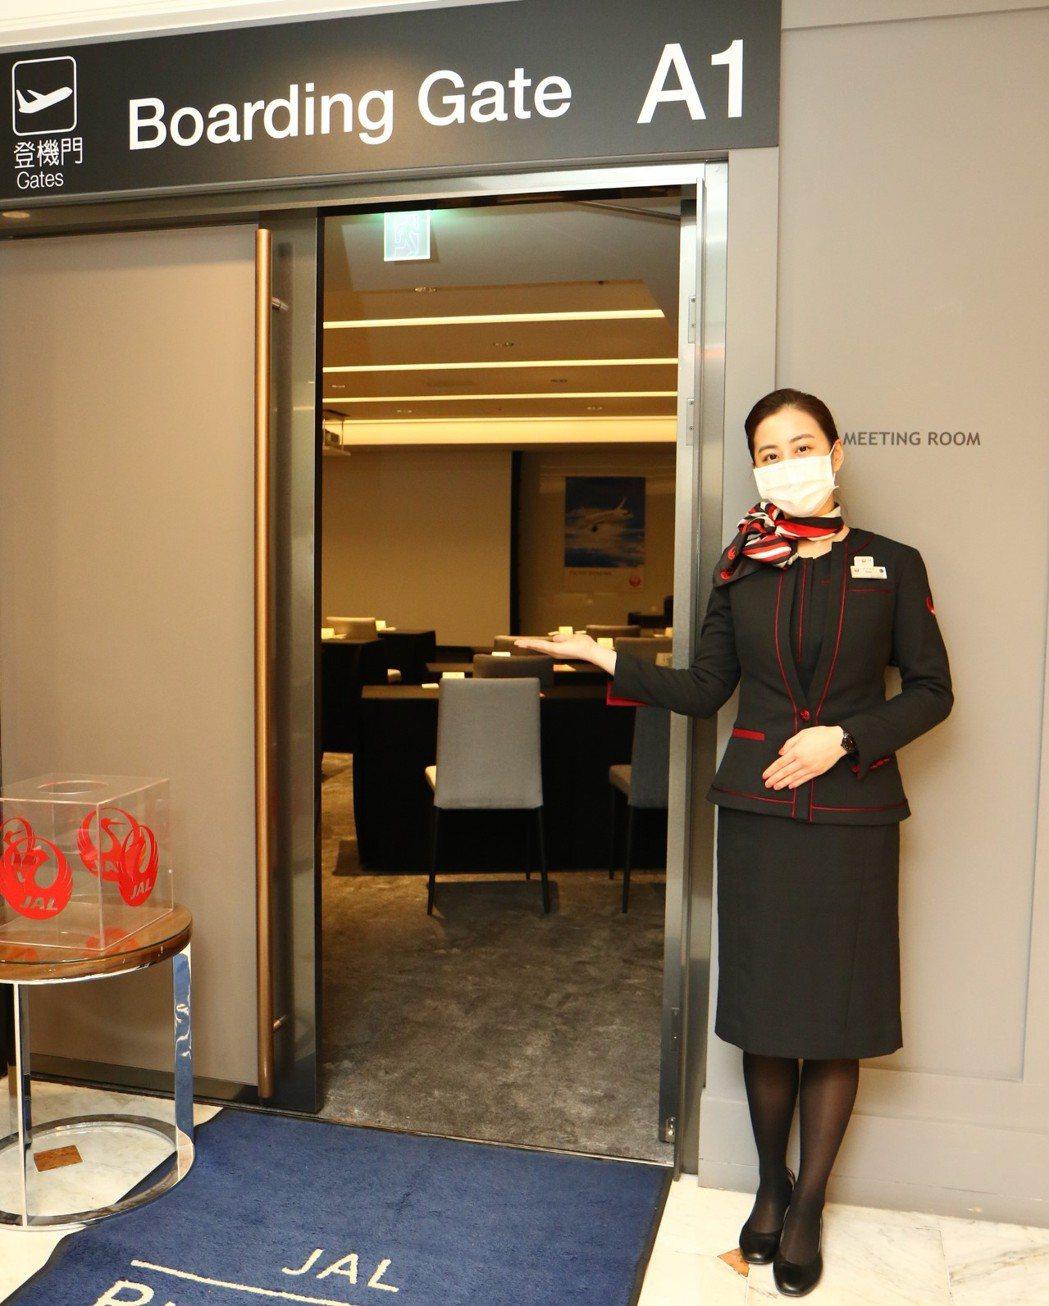 日航現役空服員全程現場服務、提供如機上一般舒適感受。台北老爺/提供